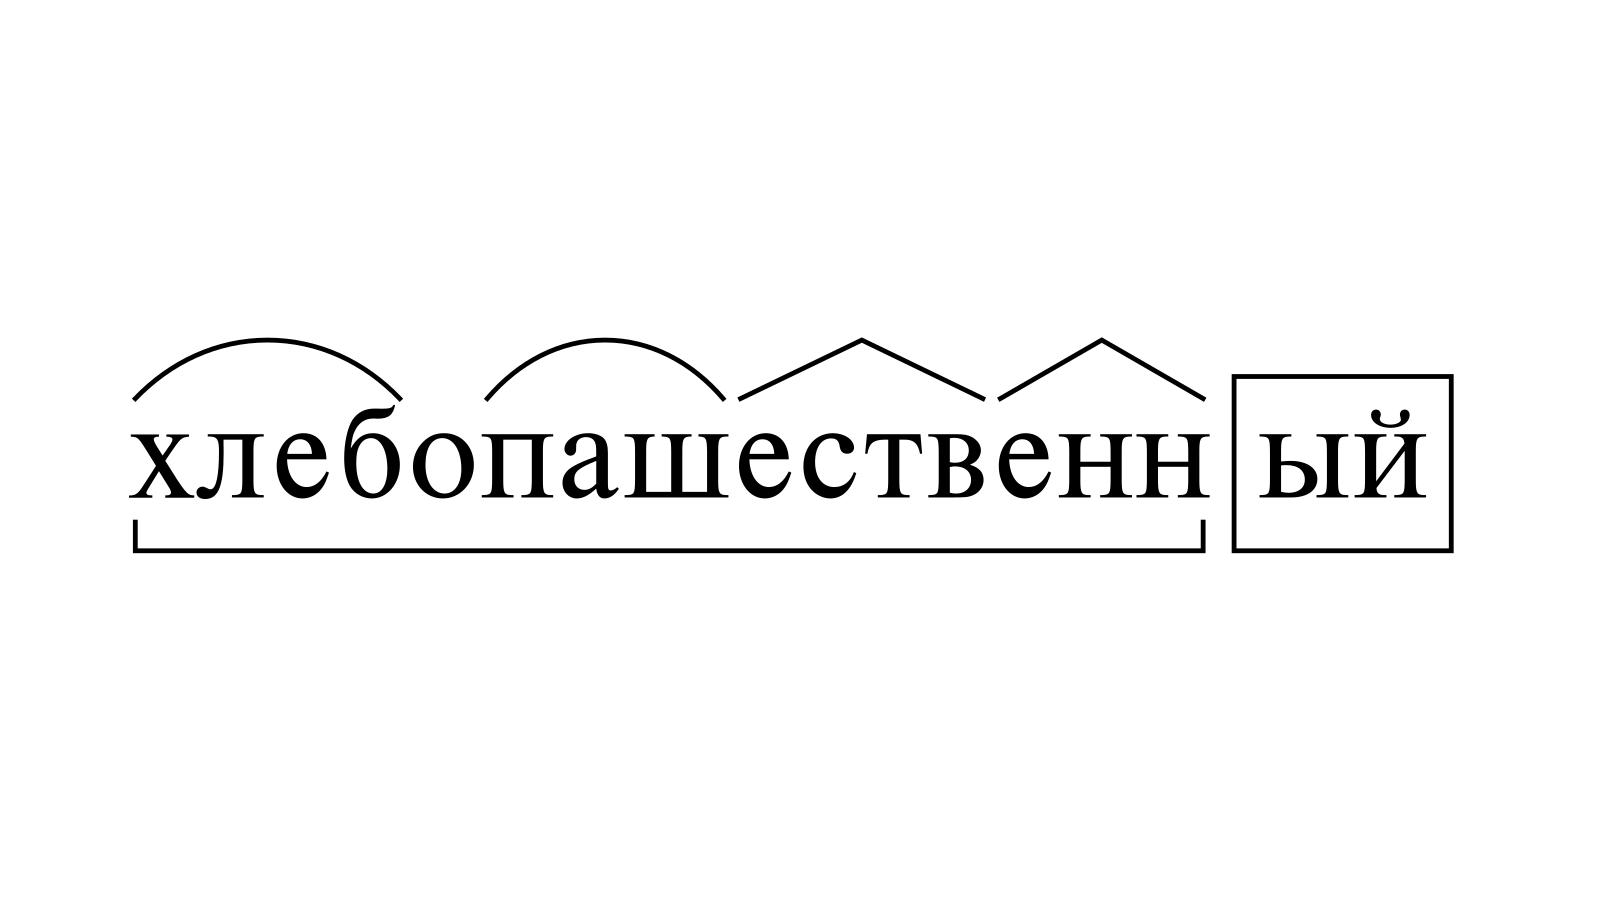 Разбор слова «хлебопашественный» по составу